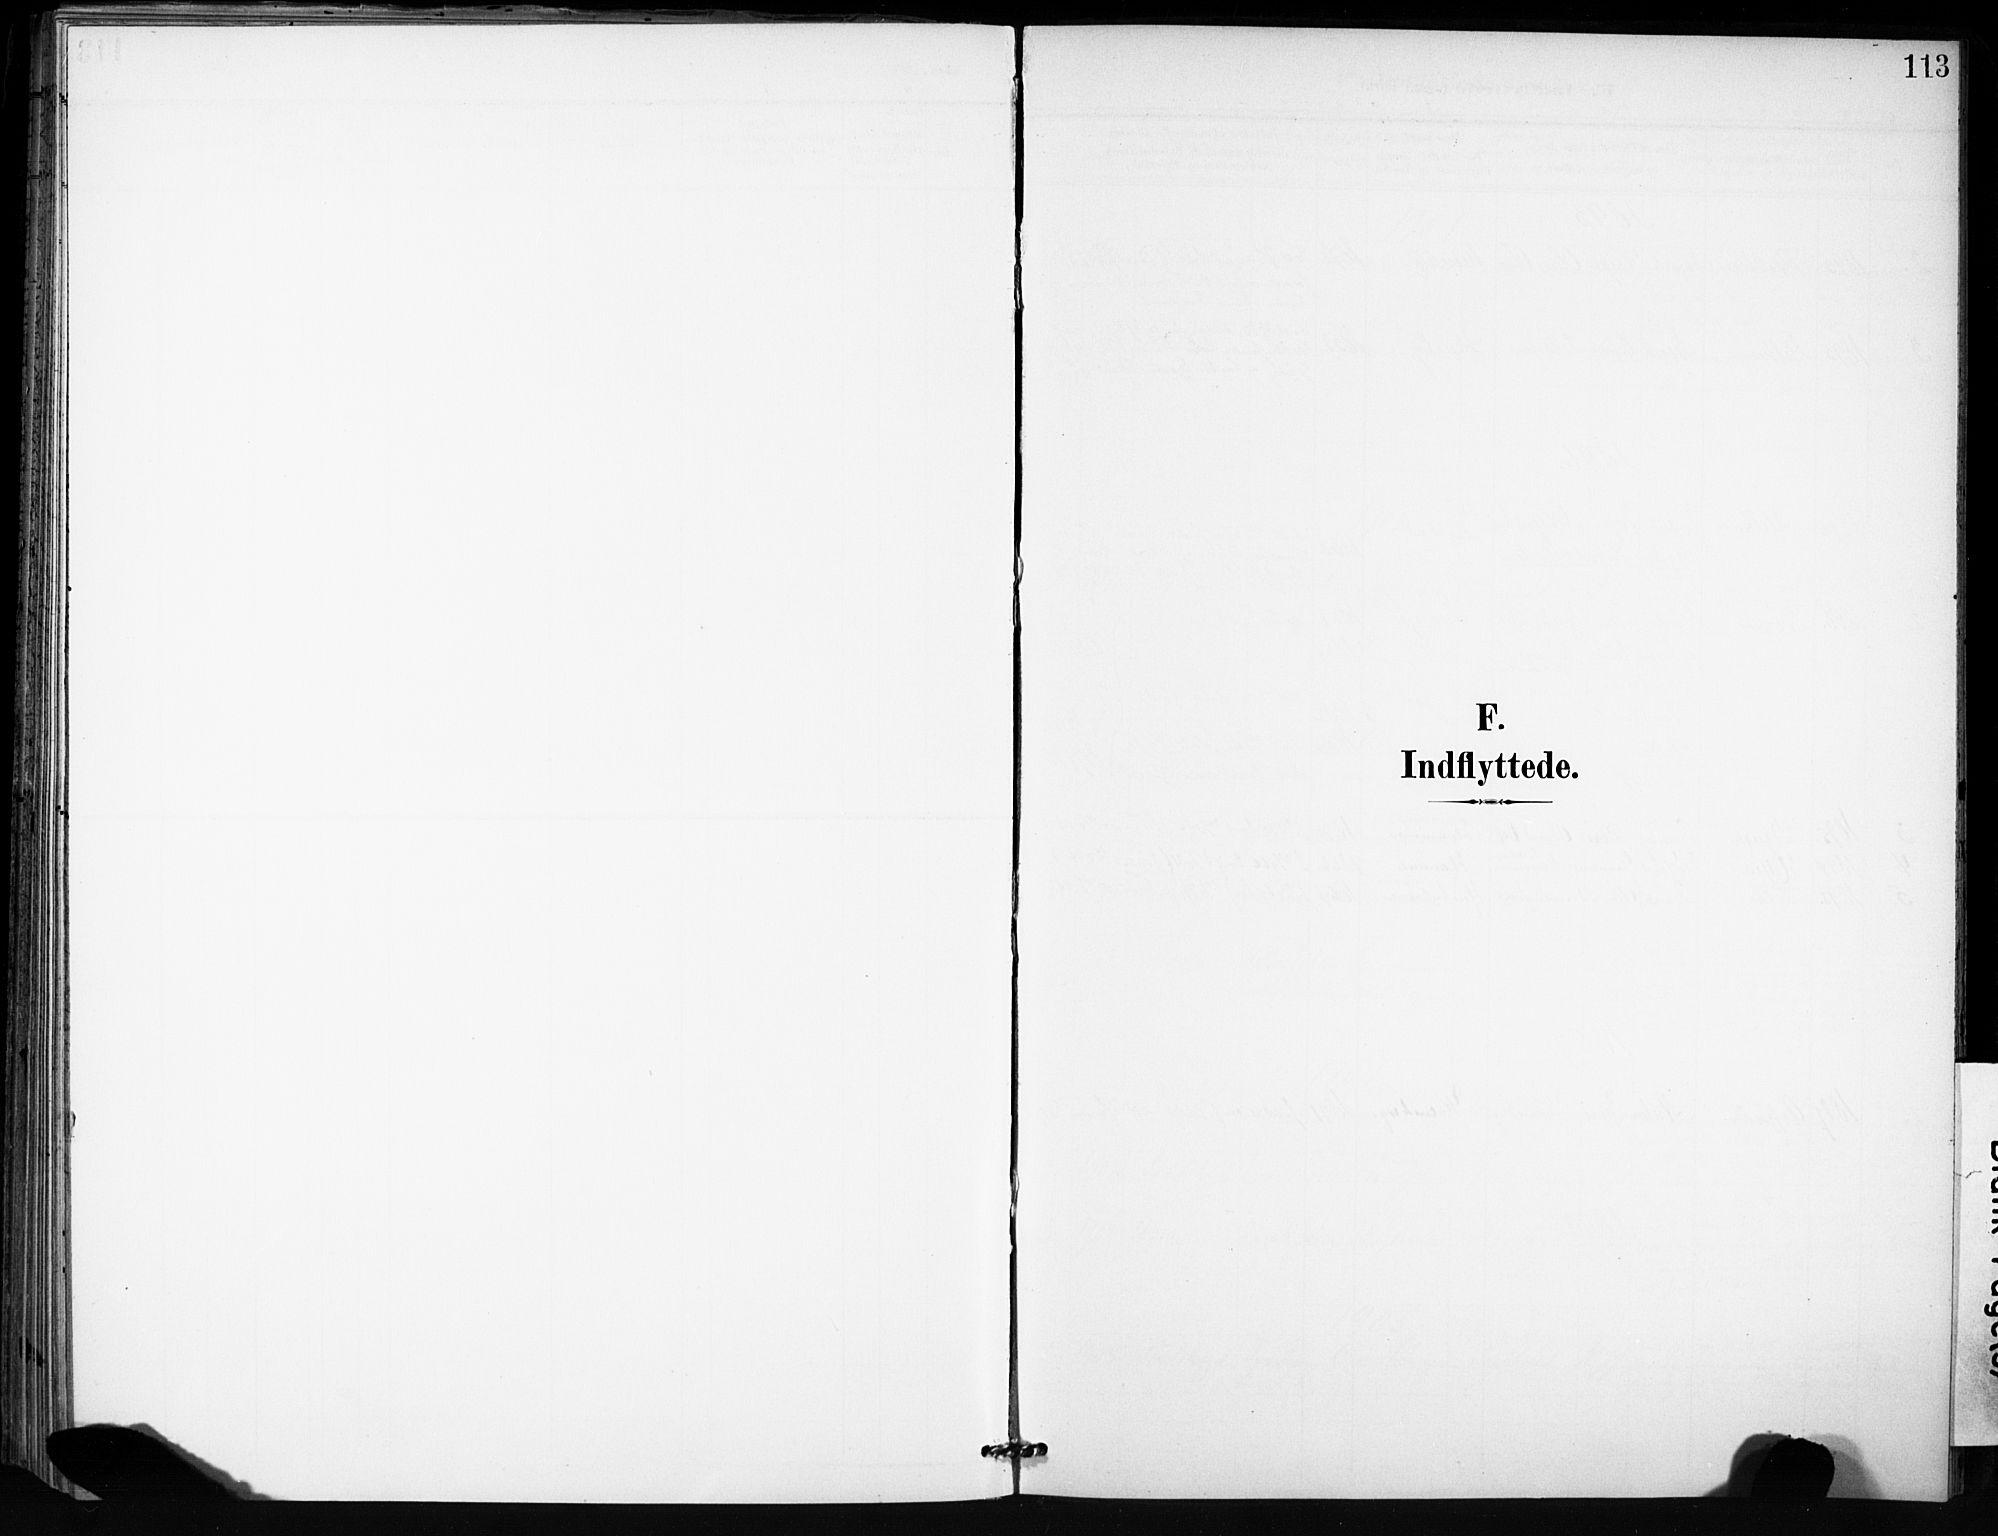 SAT, Ministerialprotokoller, klokkerbøker og fødselsregistre - Sør-Trøndelag, 666/L0787: Ministerialbok nr. 666A05, 1895-1908, s. 113